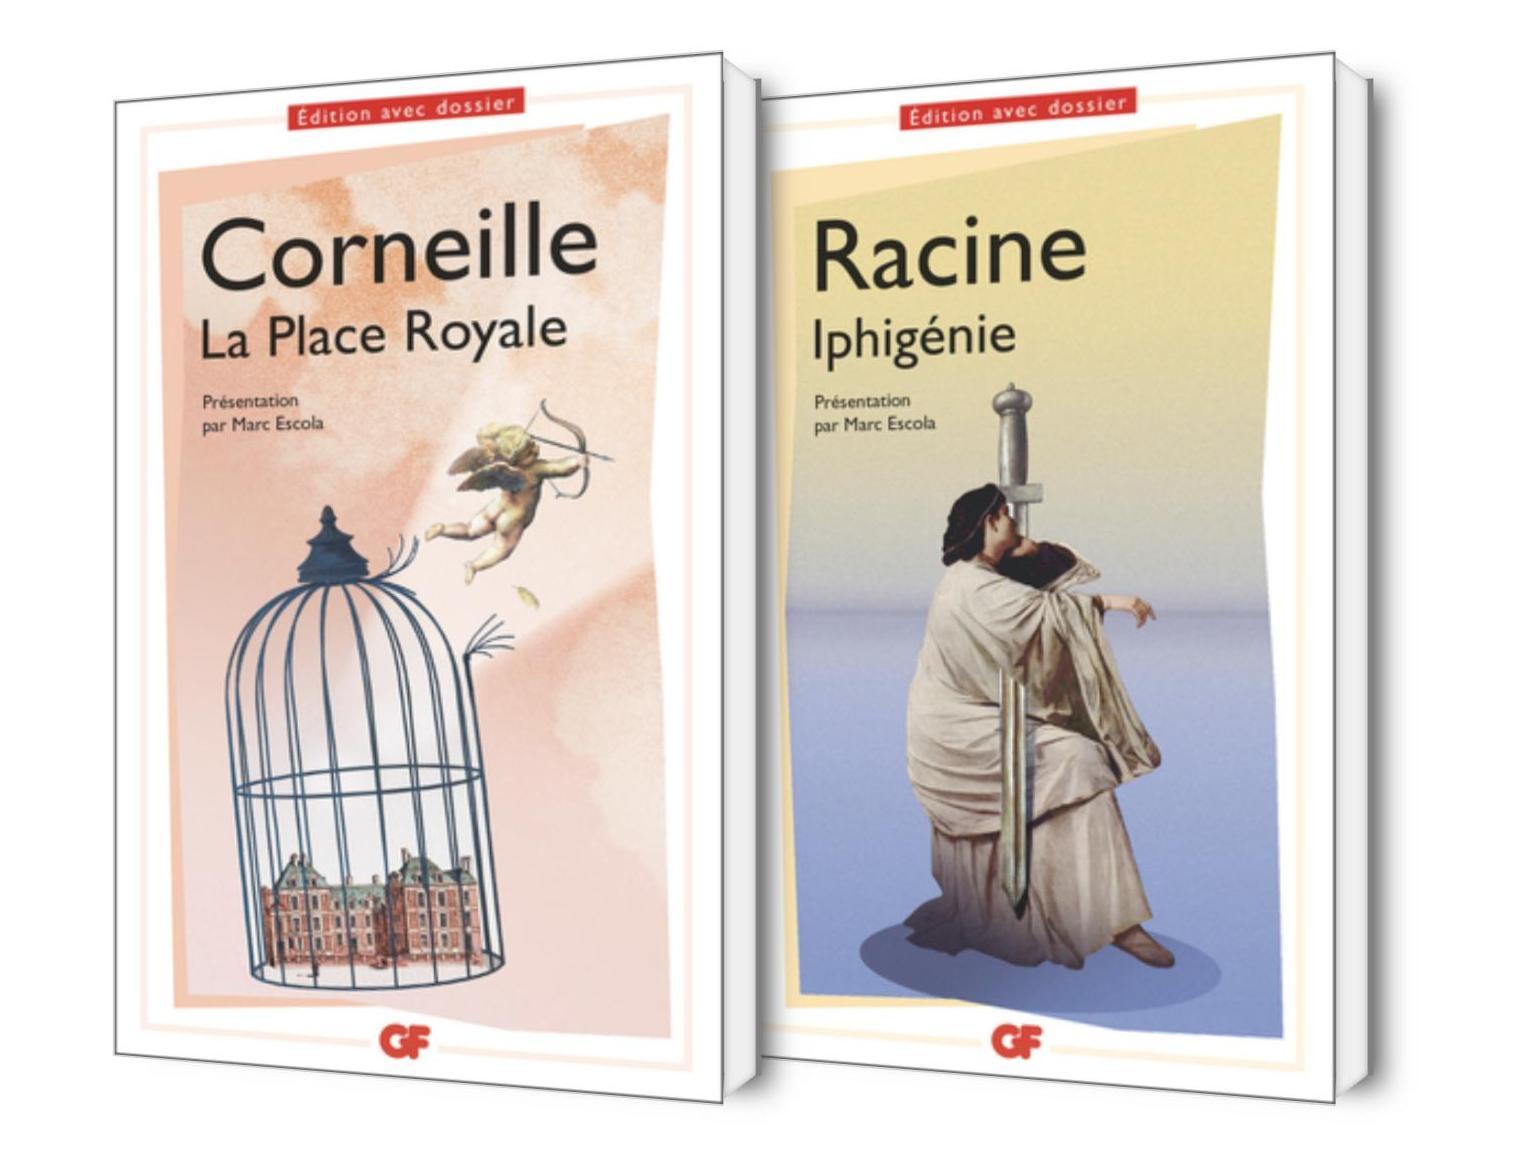 La Place Royale de Corneille et Iphigénie de Racine